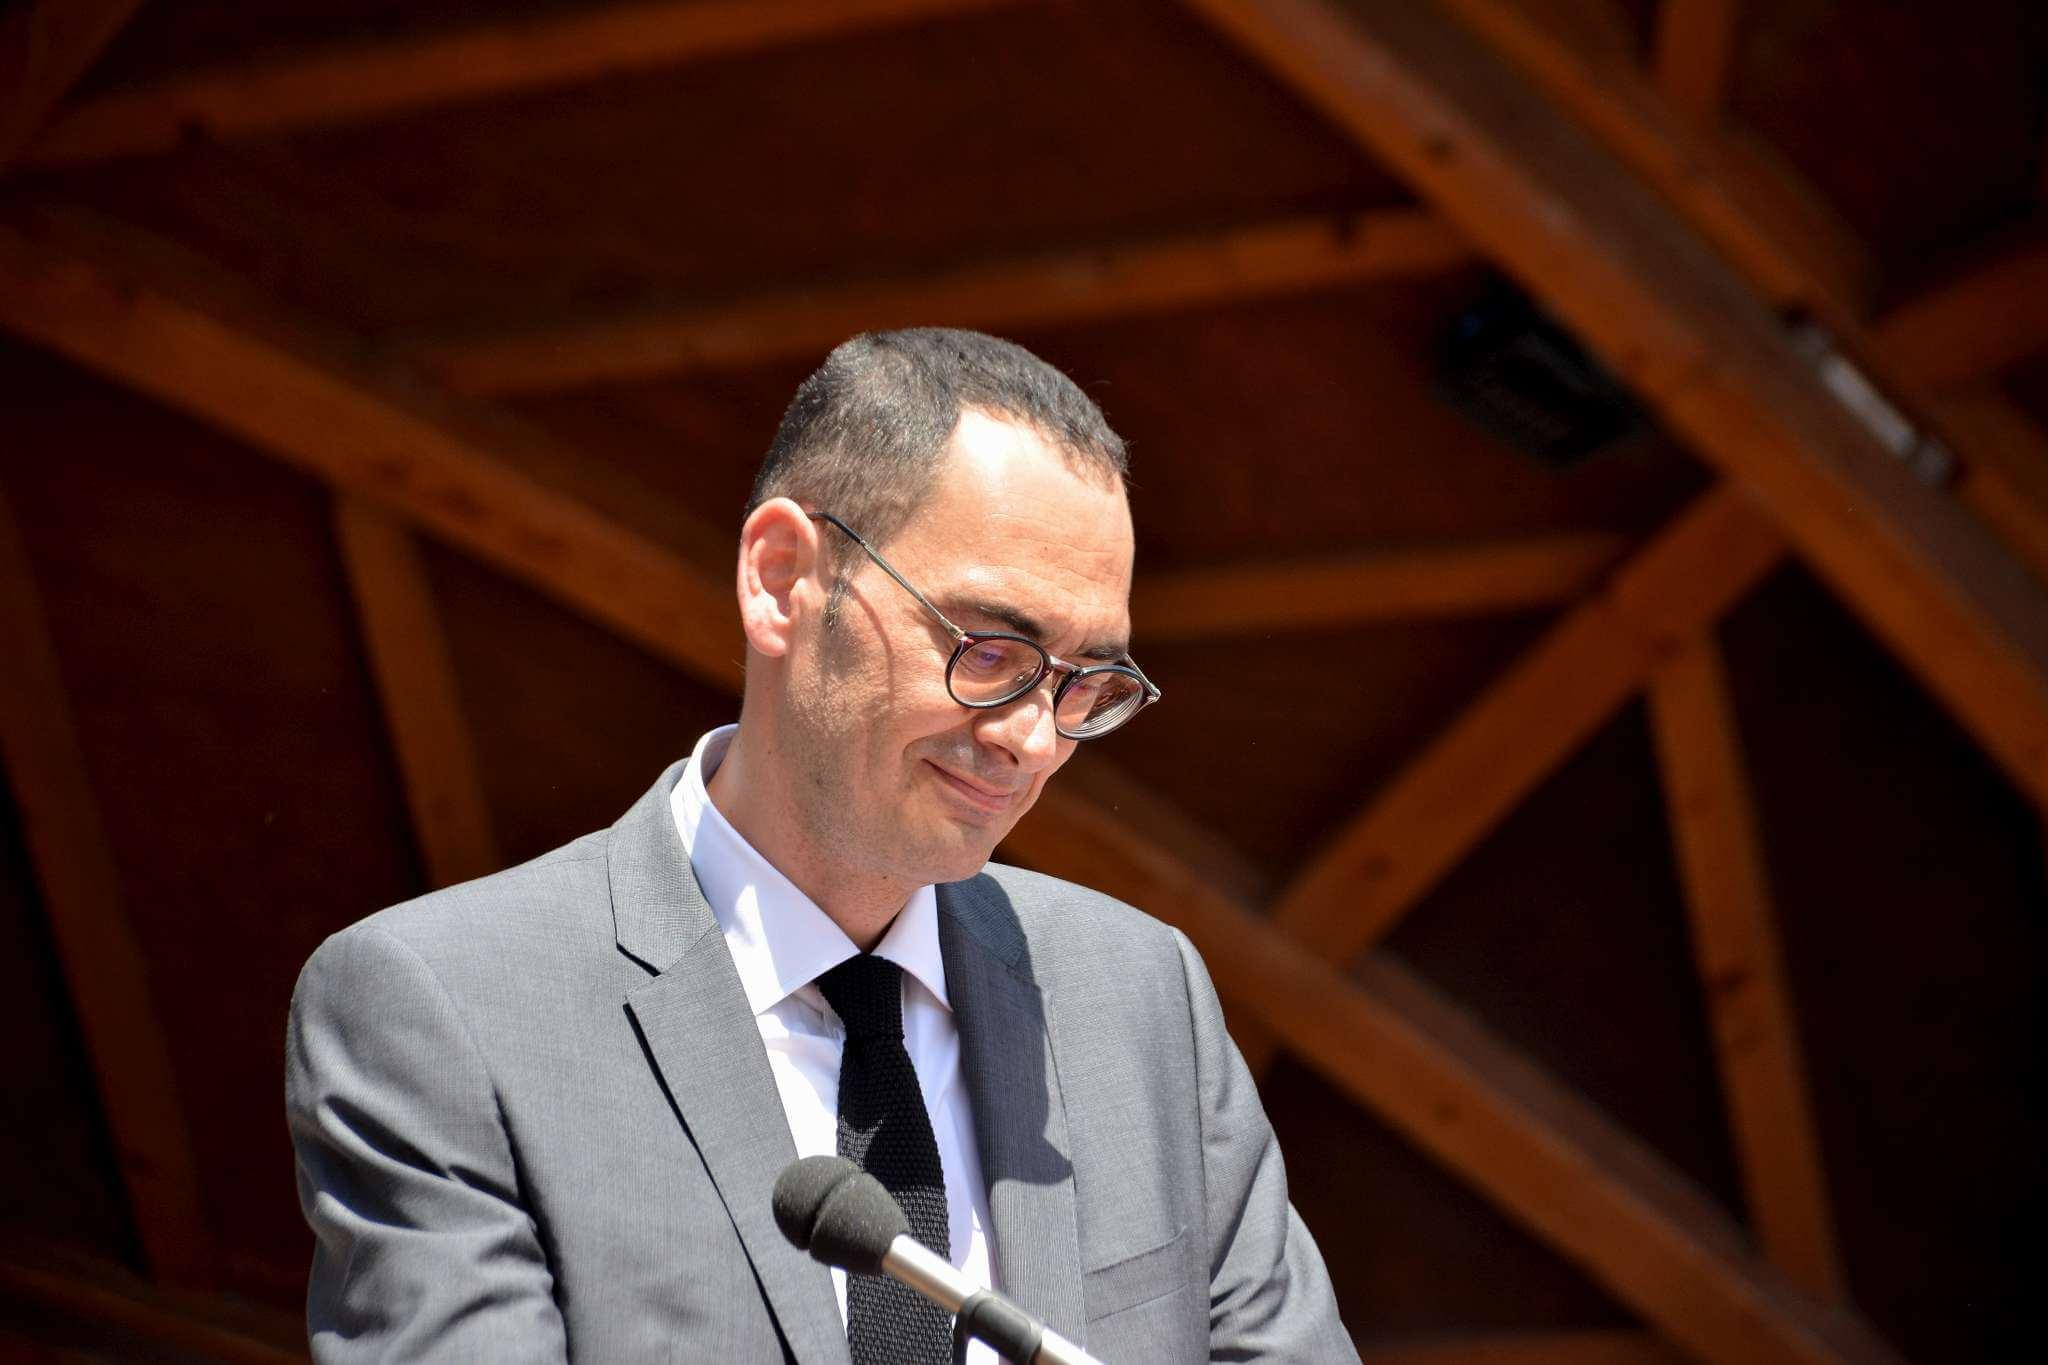 Matteo Rosati-UNESCO-Ufficio Europeo-Sede Venezia